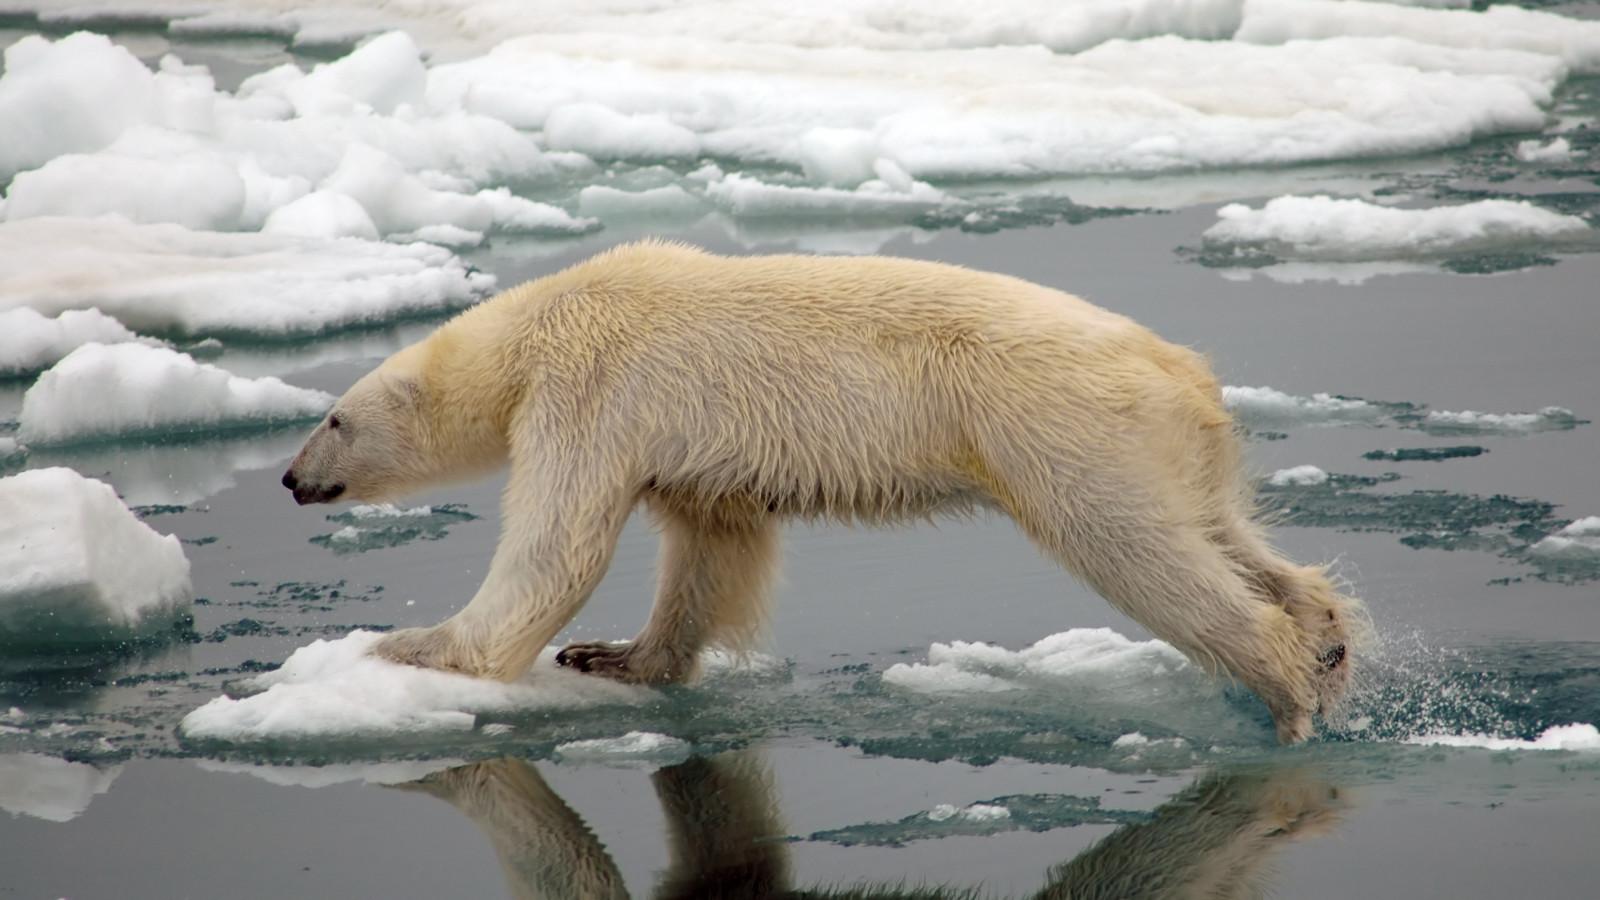 environnement la vid o dramatique d un ours polaire mourant de faim symbole du changement. Black Bedroom Furniture Sets. Home Design Ideas